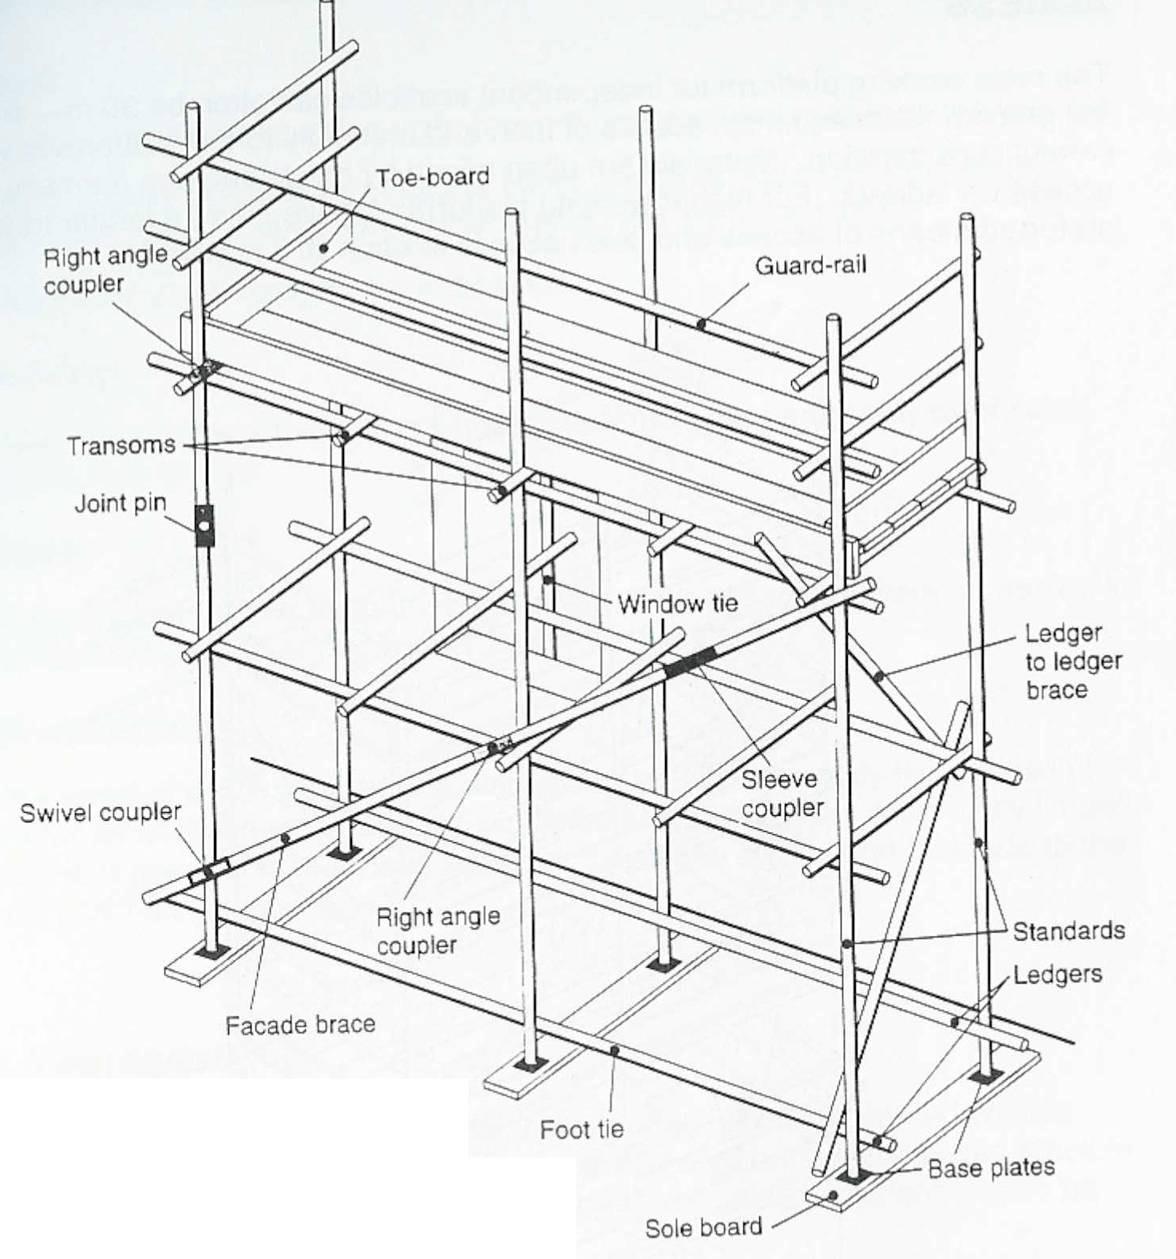 Basics Of Working Safely Basics Of Scaffolding